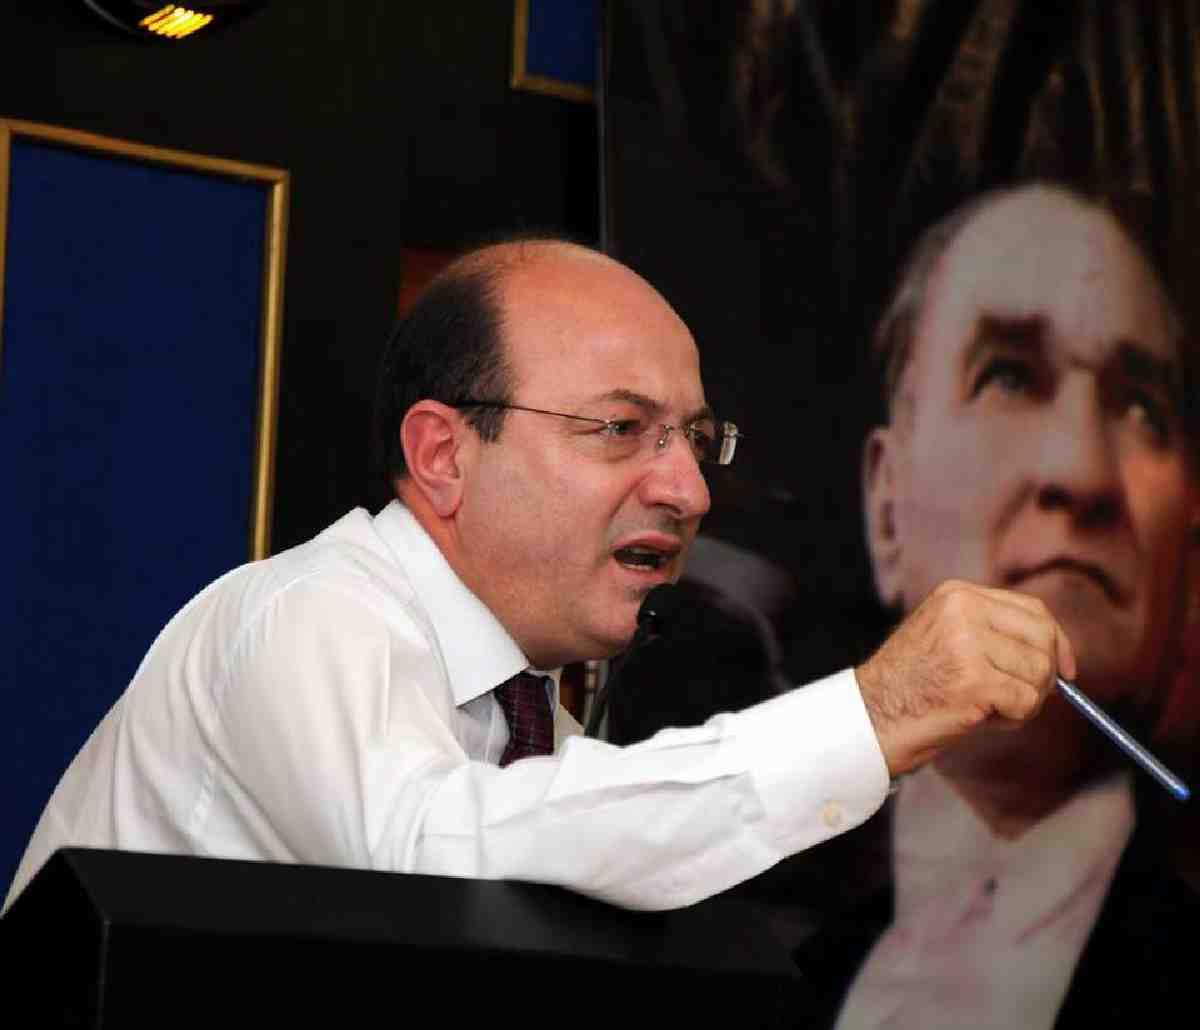 İlhan Cihaner'den Yüksek yargı başkanlarına istifa çağrısı